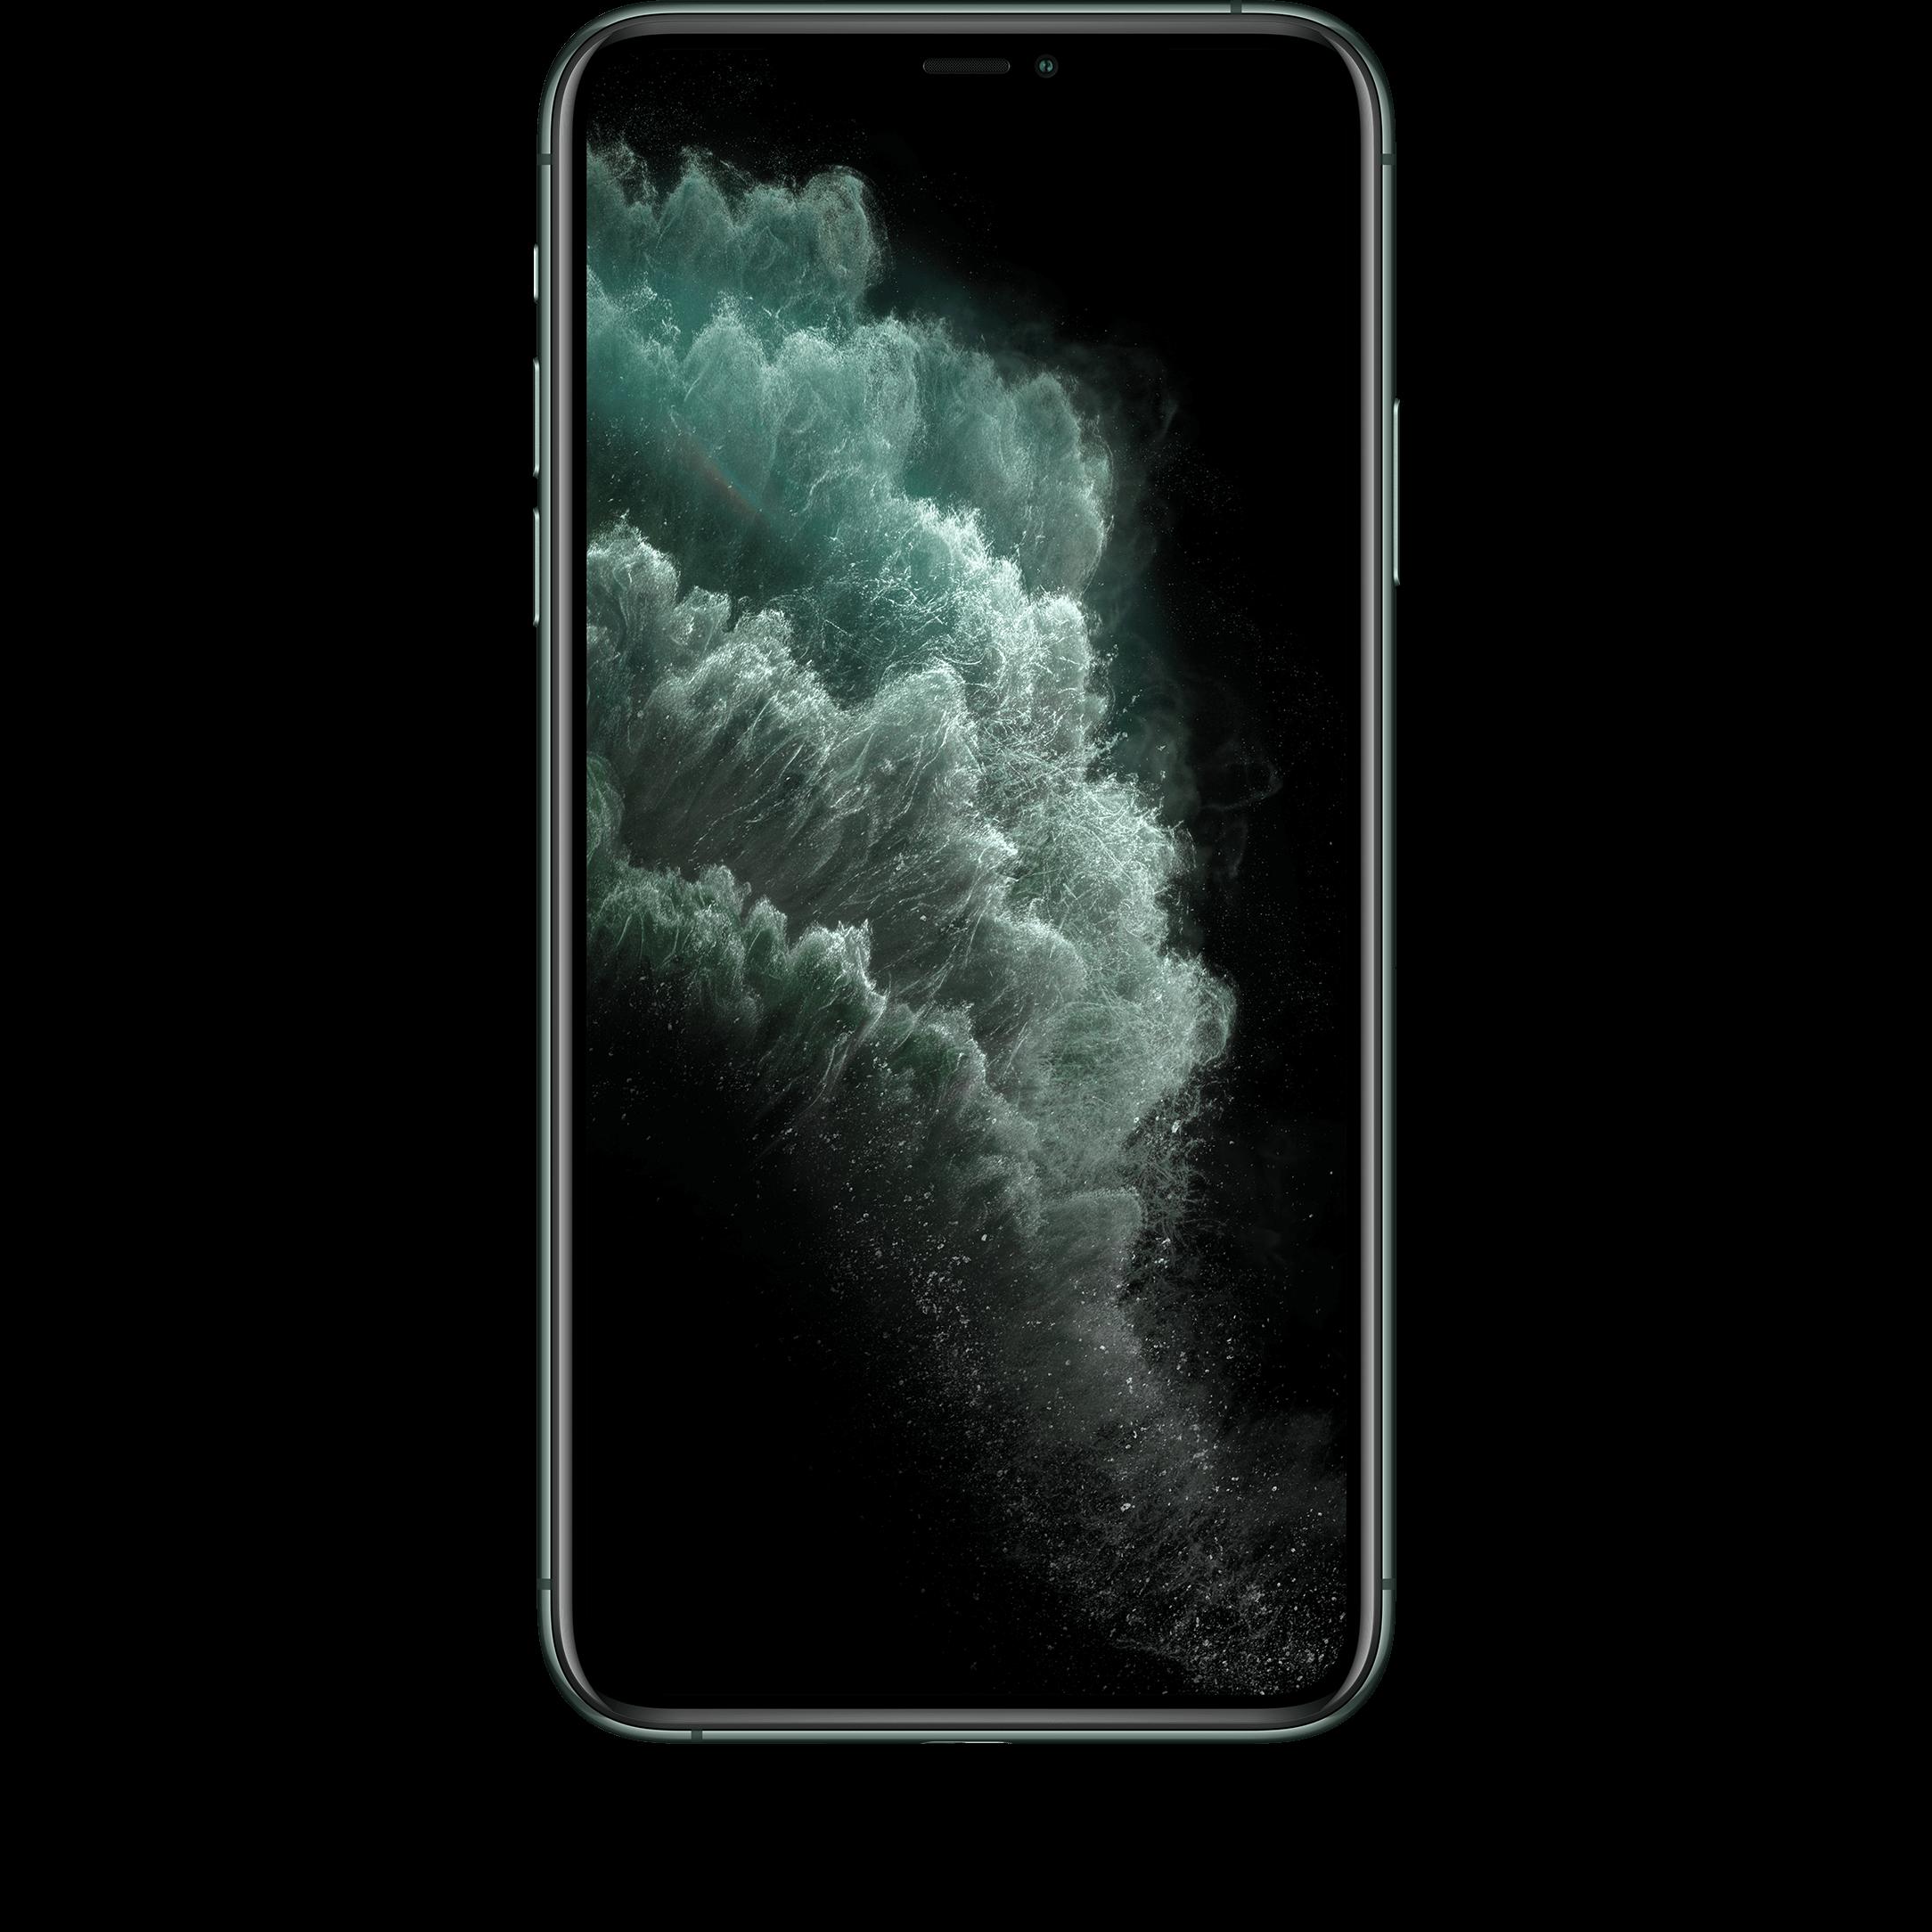 Günstig Kaufen beim Preisvergleich-Apple iPhone 11 Pro Max 64 GB nachtgrün mit Allnet Flat L